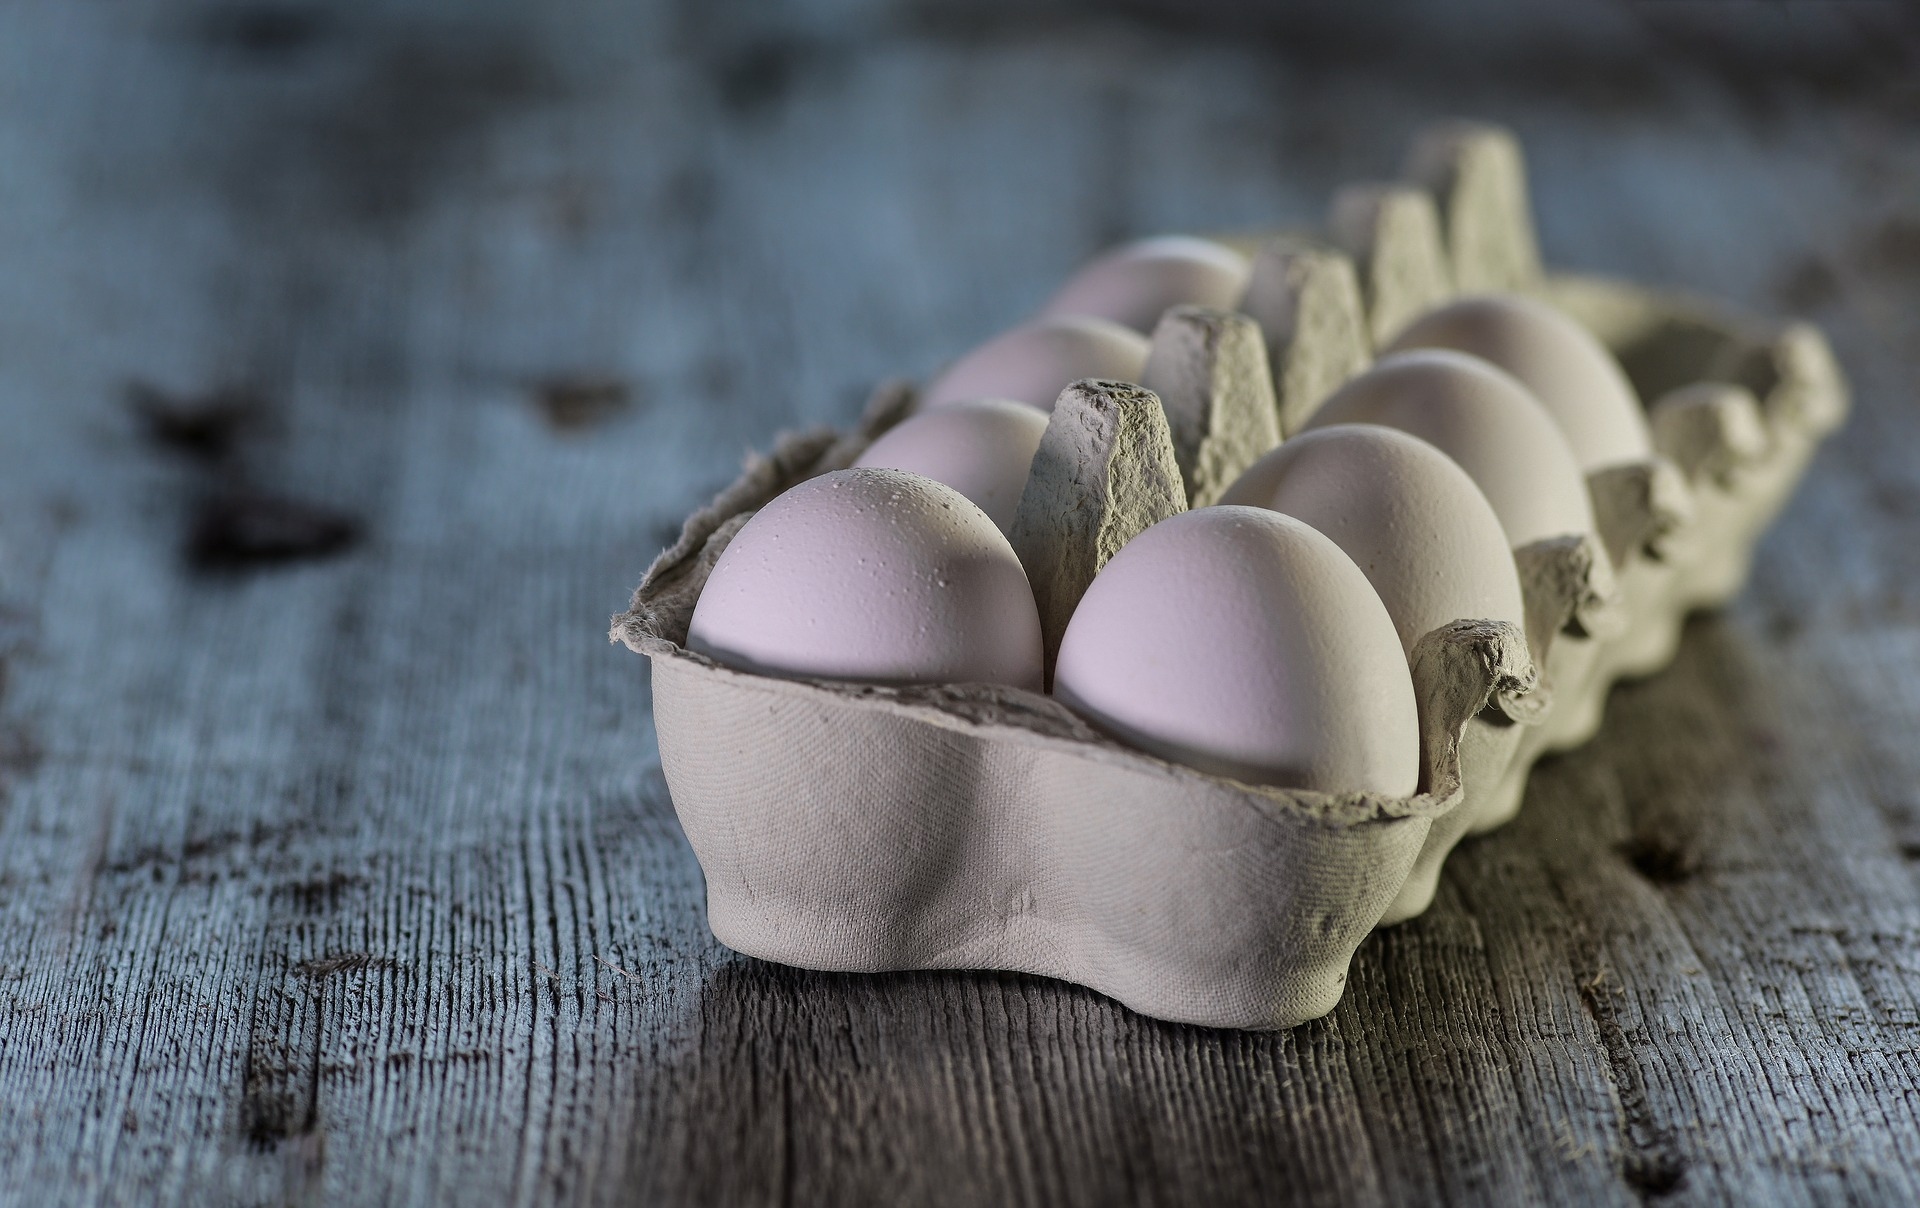 Hoe kun je zien of een ei nog goed is?